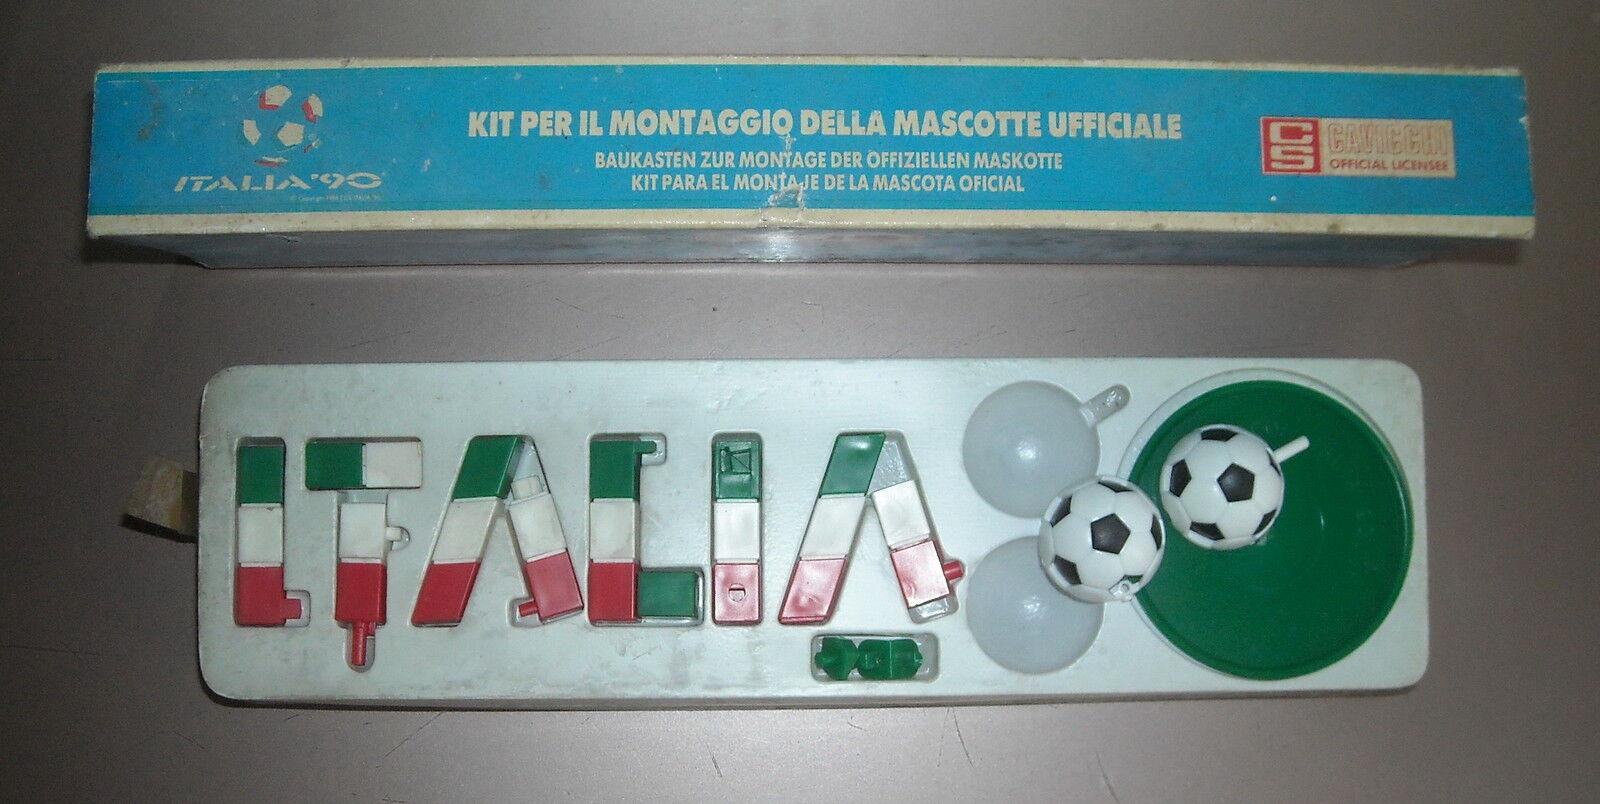 CALCIO E CALCIATORI_SPORT_PALLONE_COSTRUZIONE MASCOTTE ITALIA_TRIFarbeE_D'EPOCA